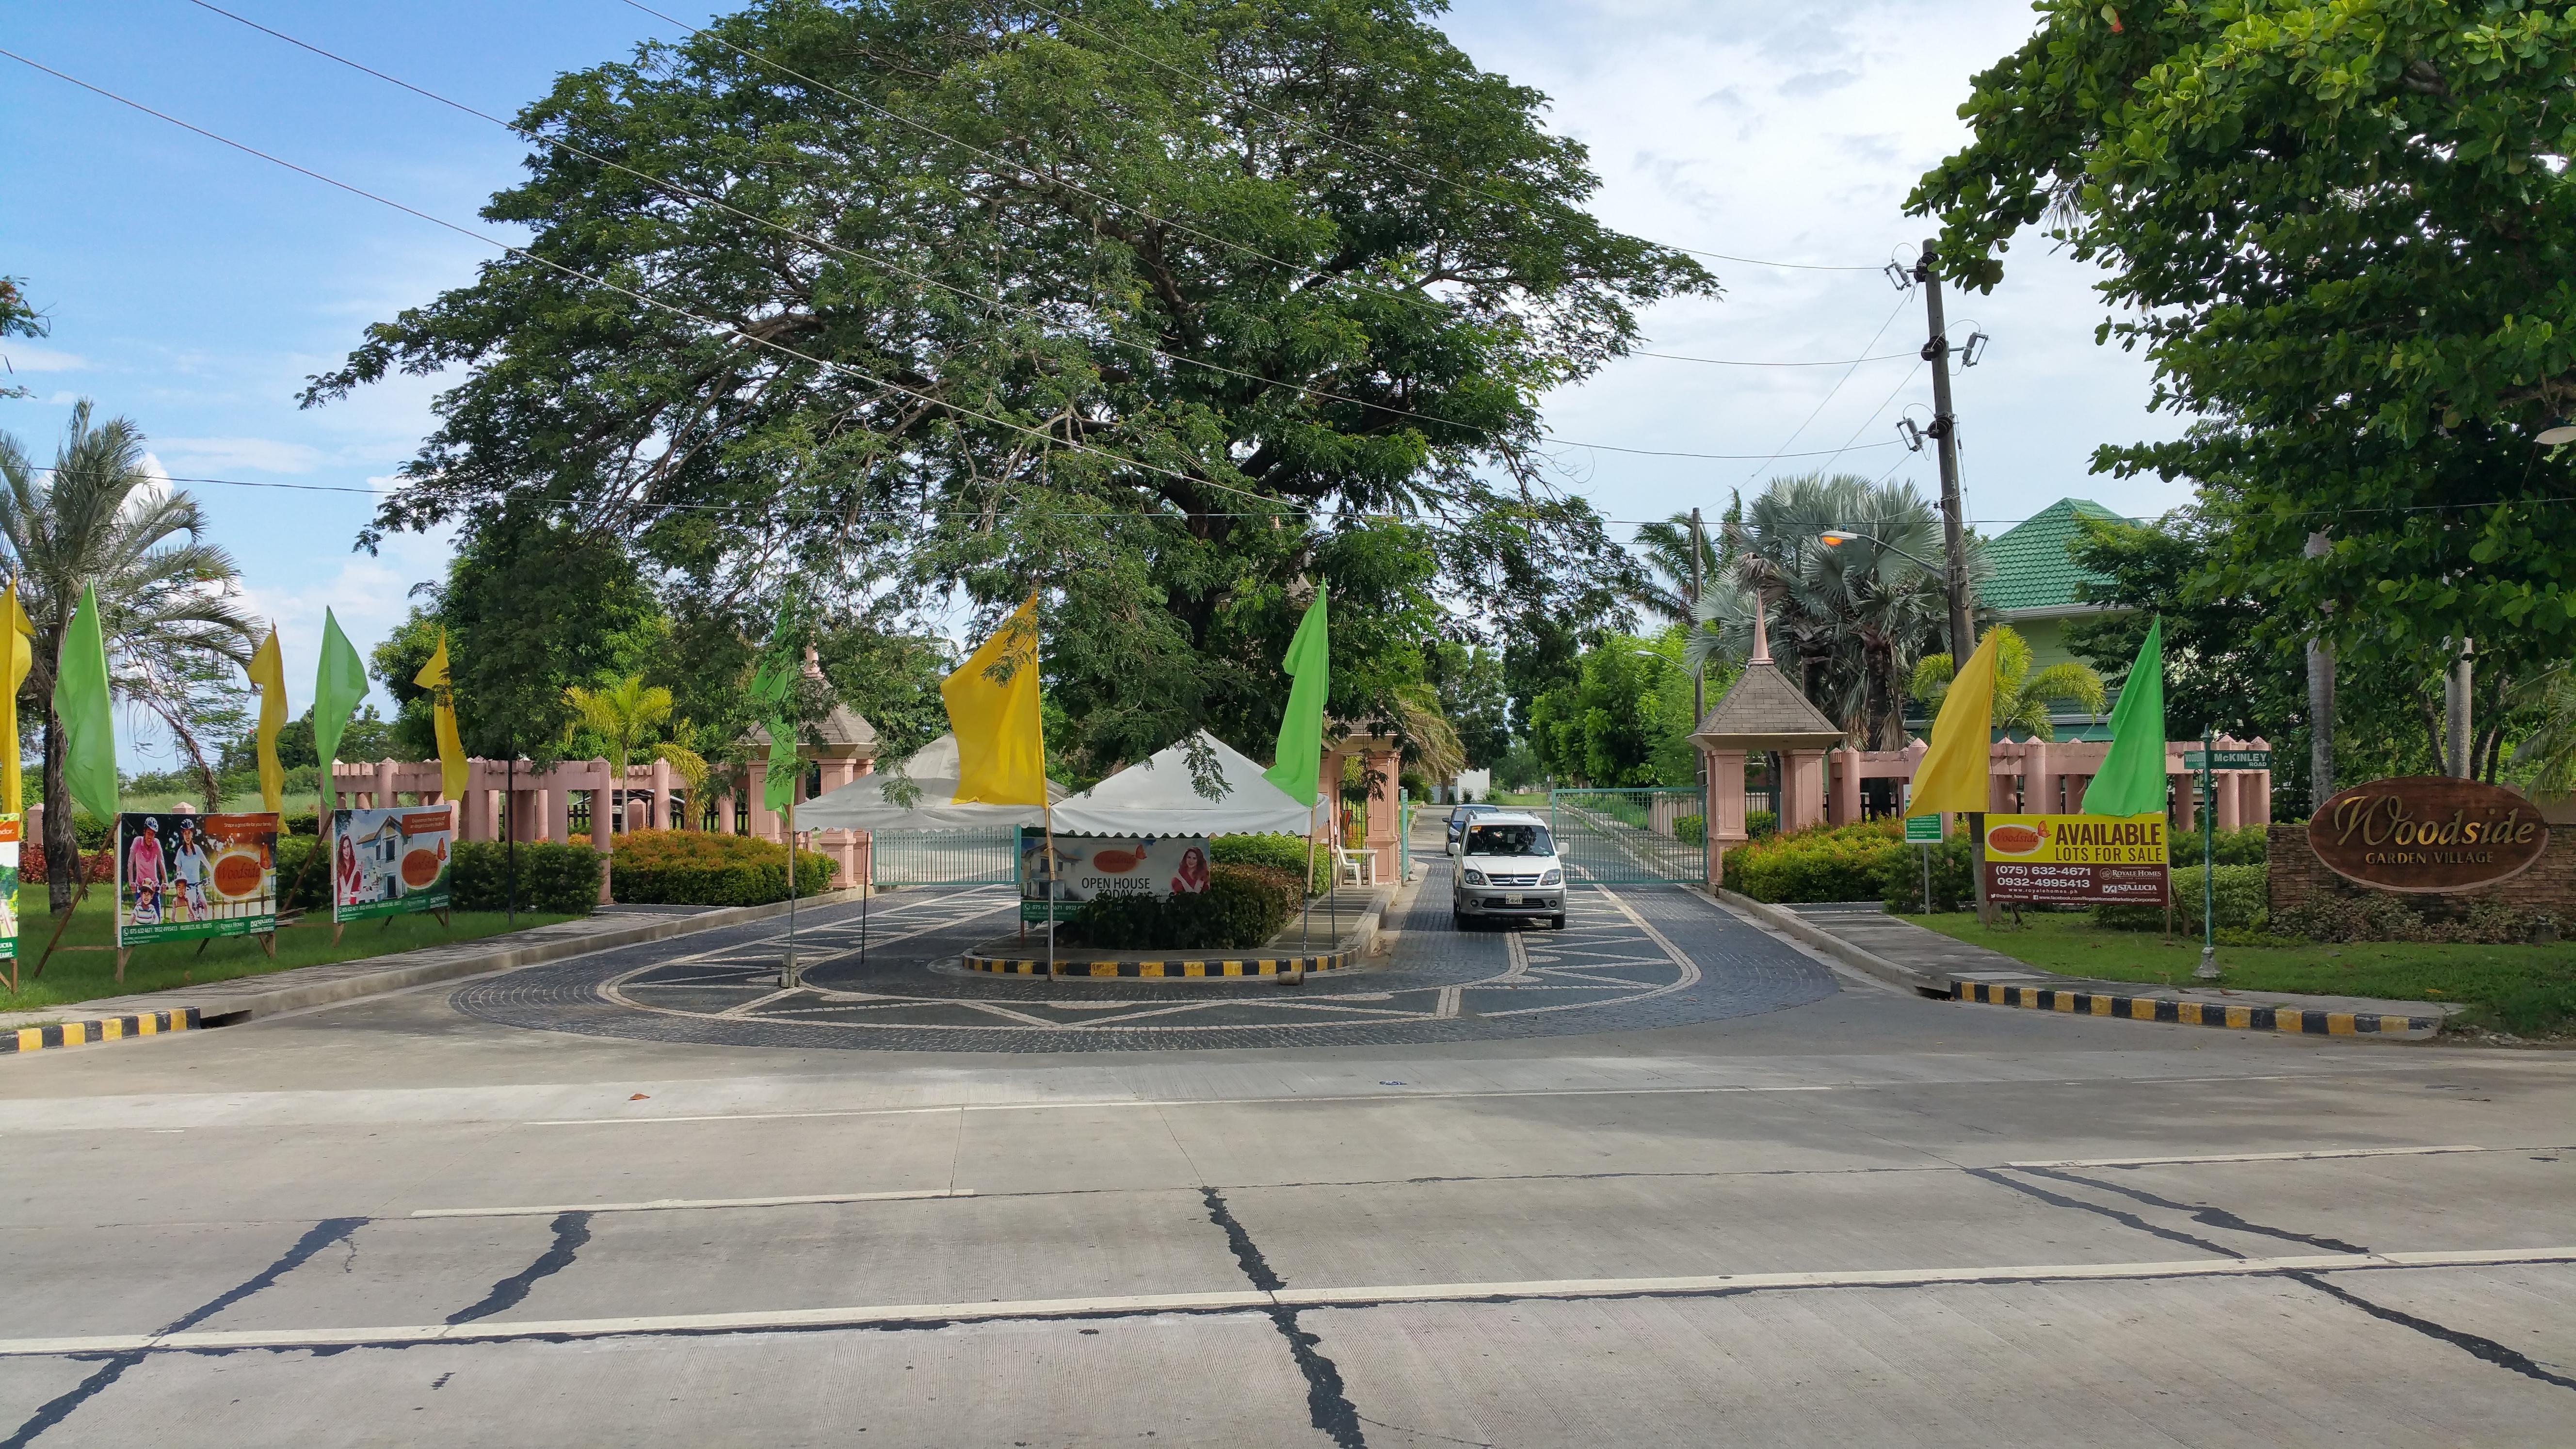 Woodside Garden Village Urdaneta, Pangasinan